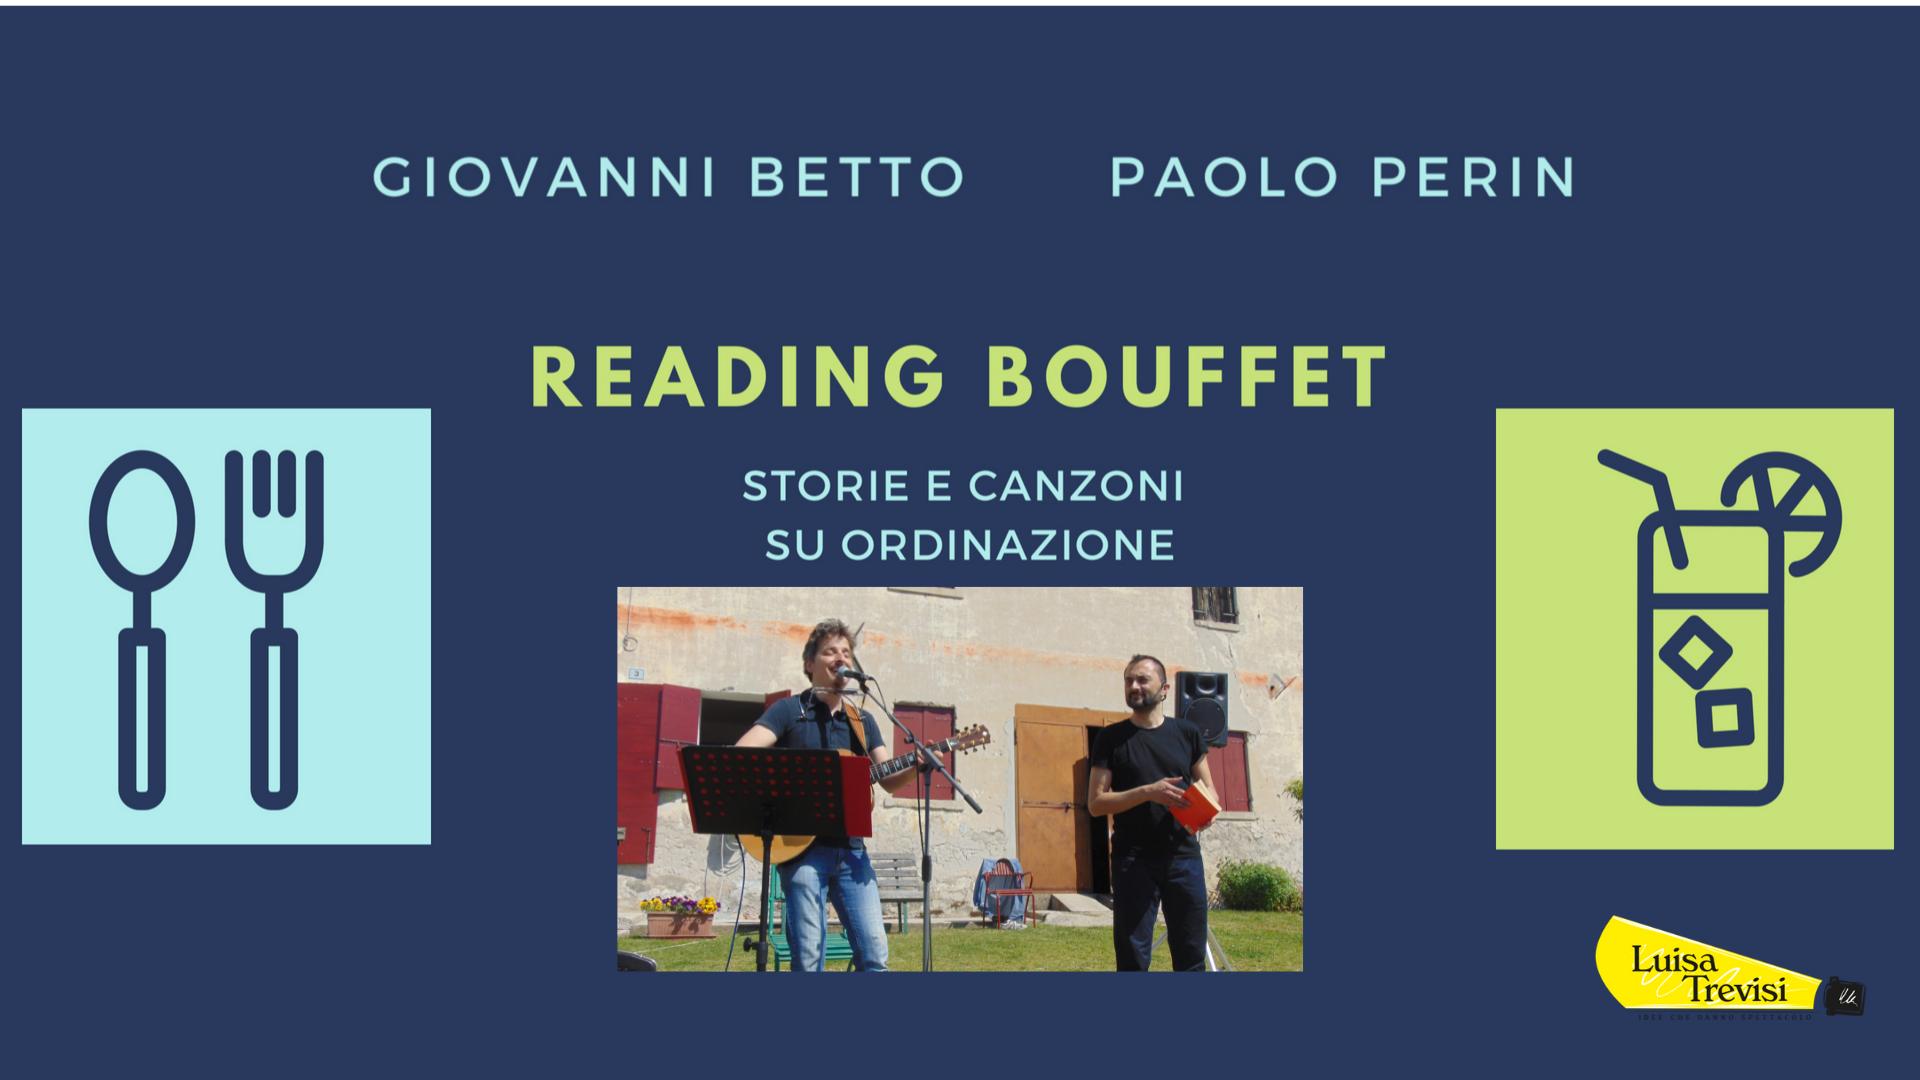 Reading Buffet | Giovanni Betto e Paolo Perin